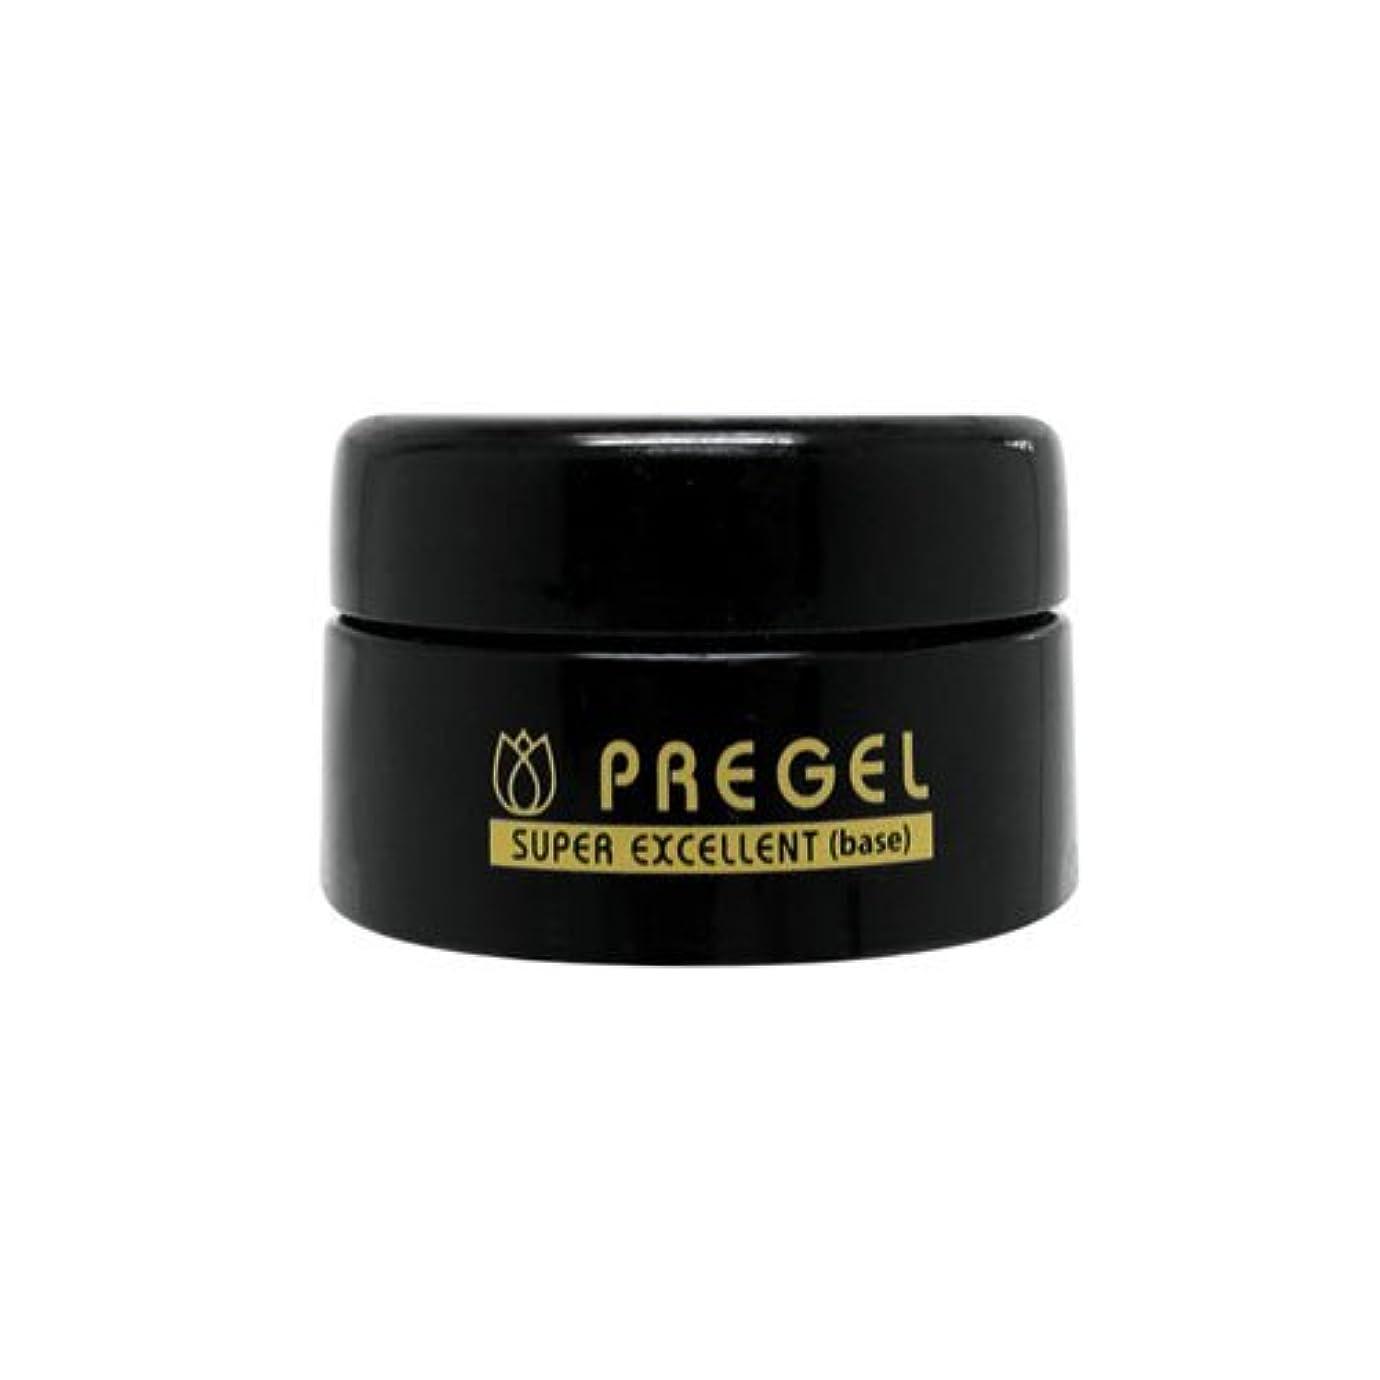 支配するキャリア肌プリジェル(PREGEL) スーパーエクセレントベースs 4g